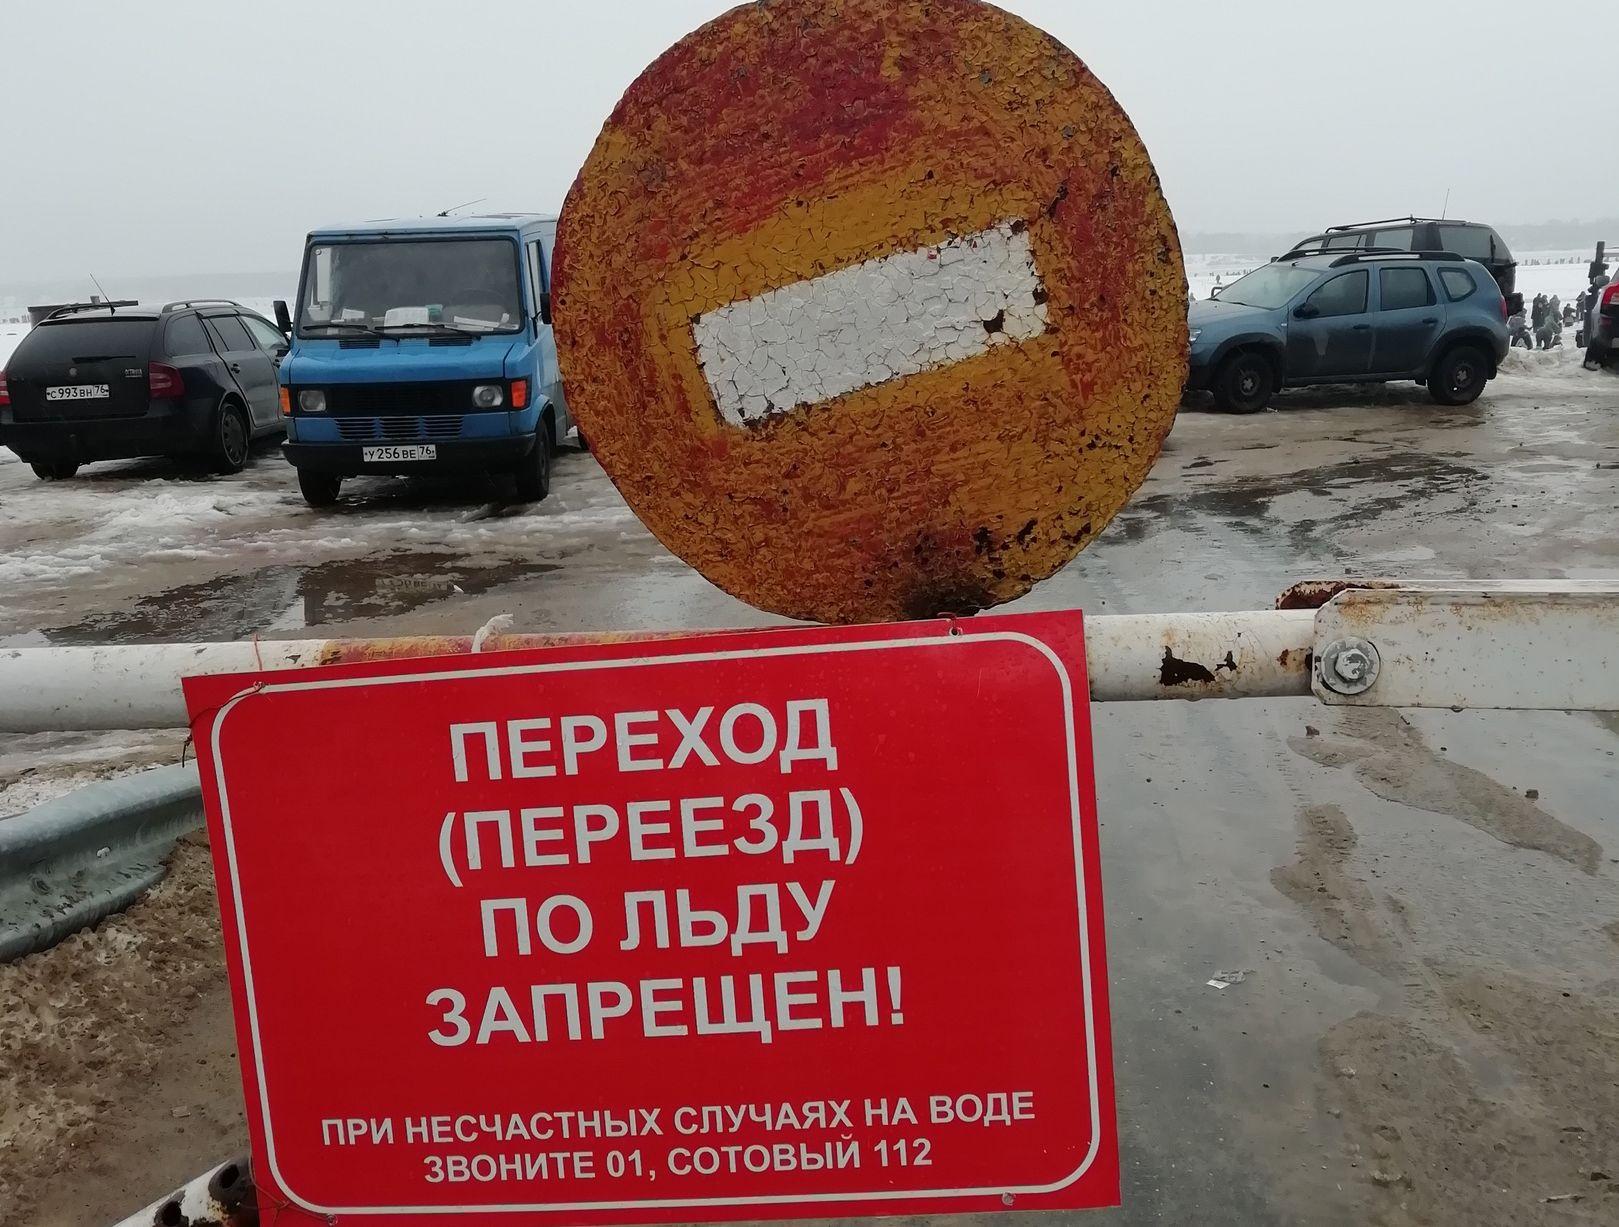 В Ярославской области закрыта автомобильная ледовая переправа Глебово – Сменцево